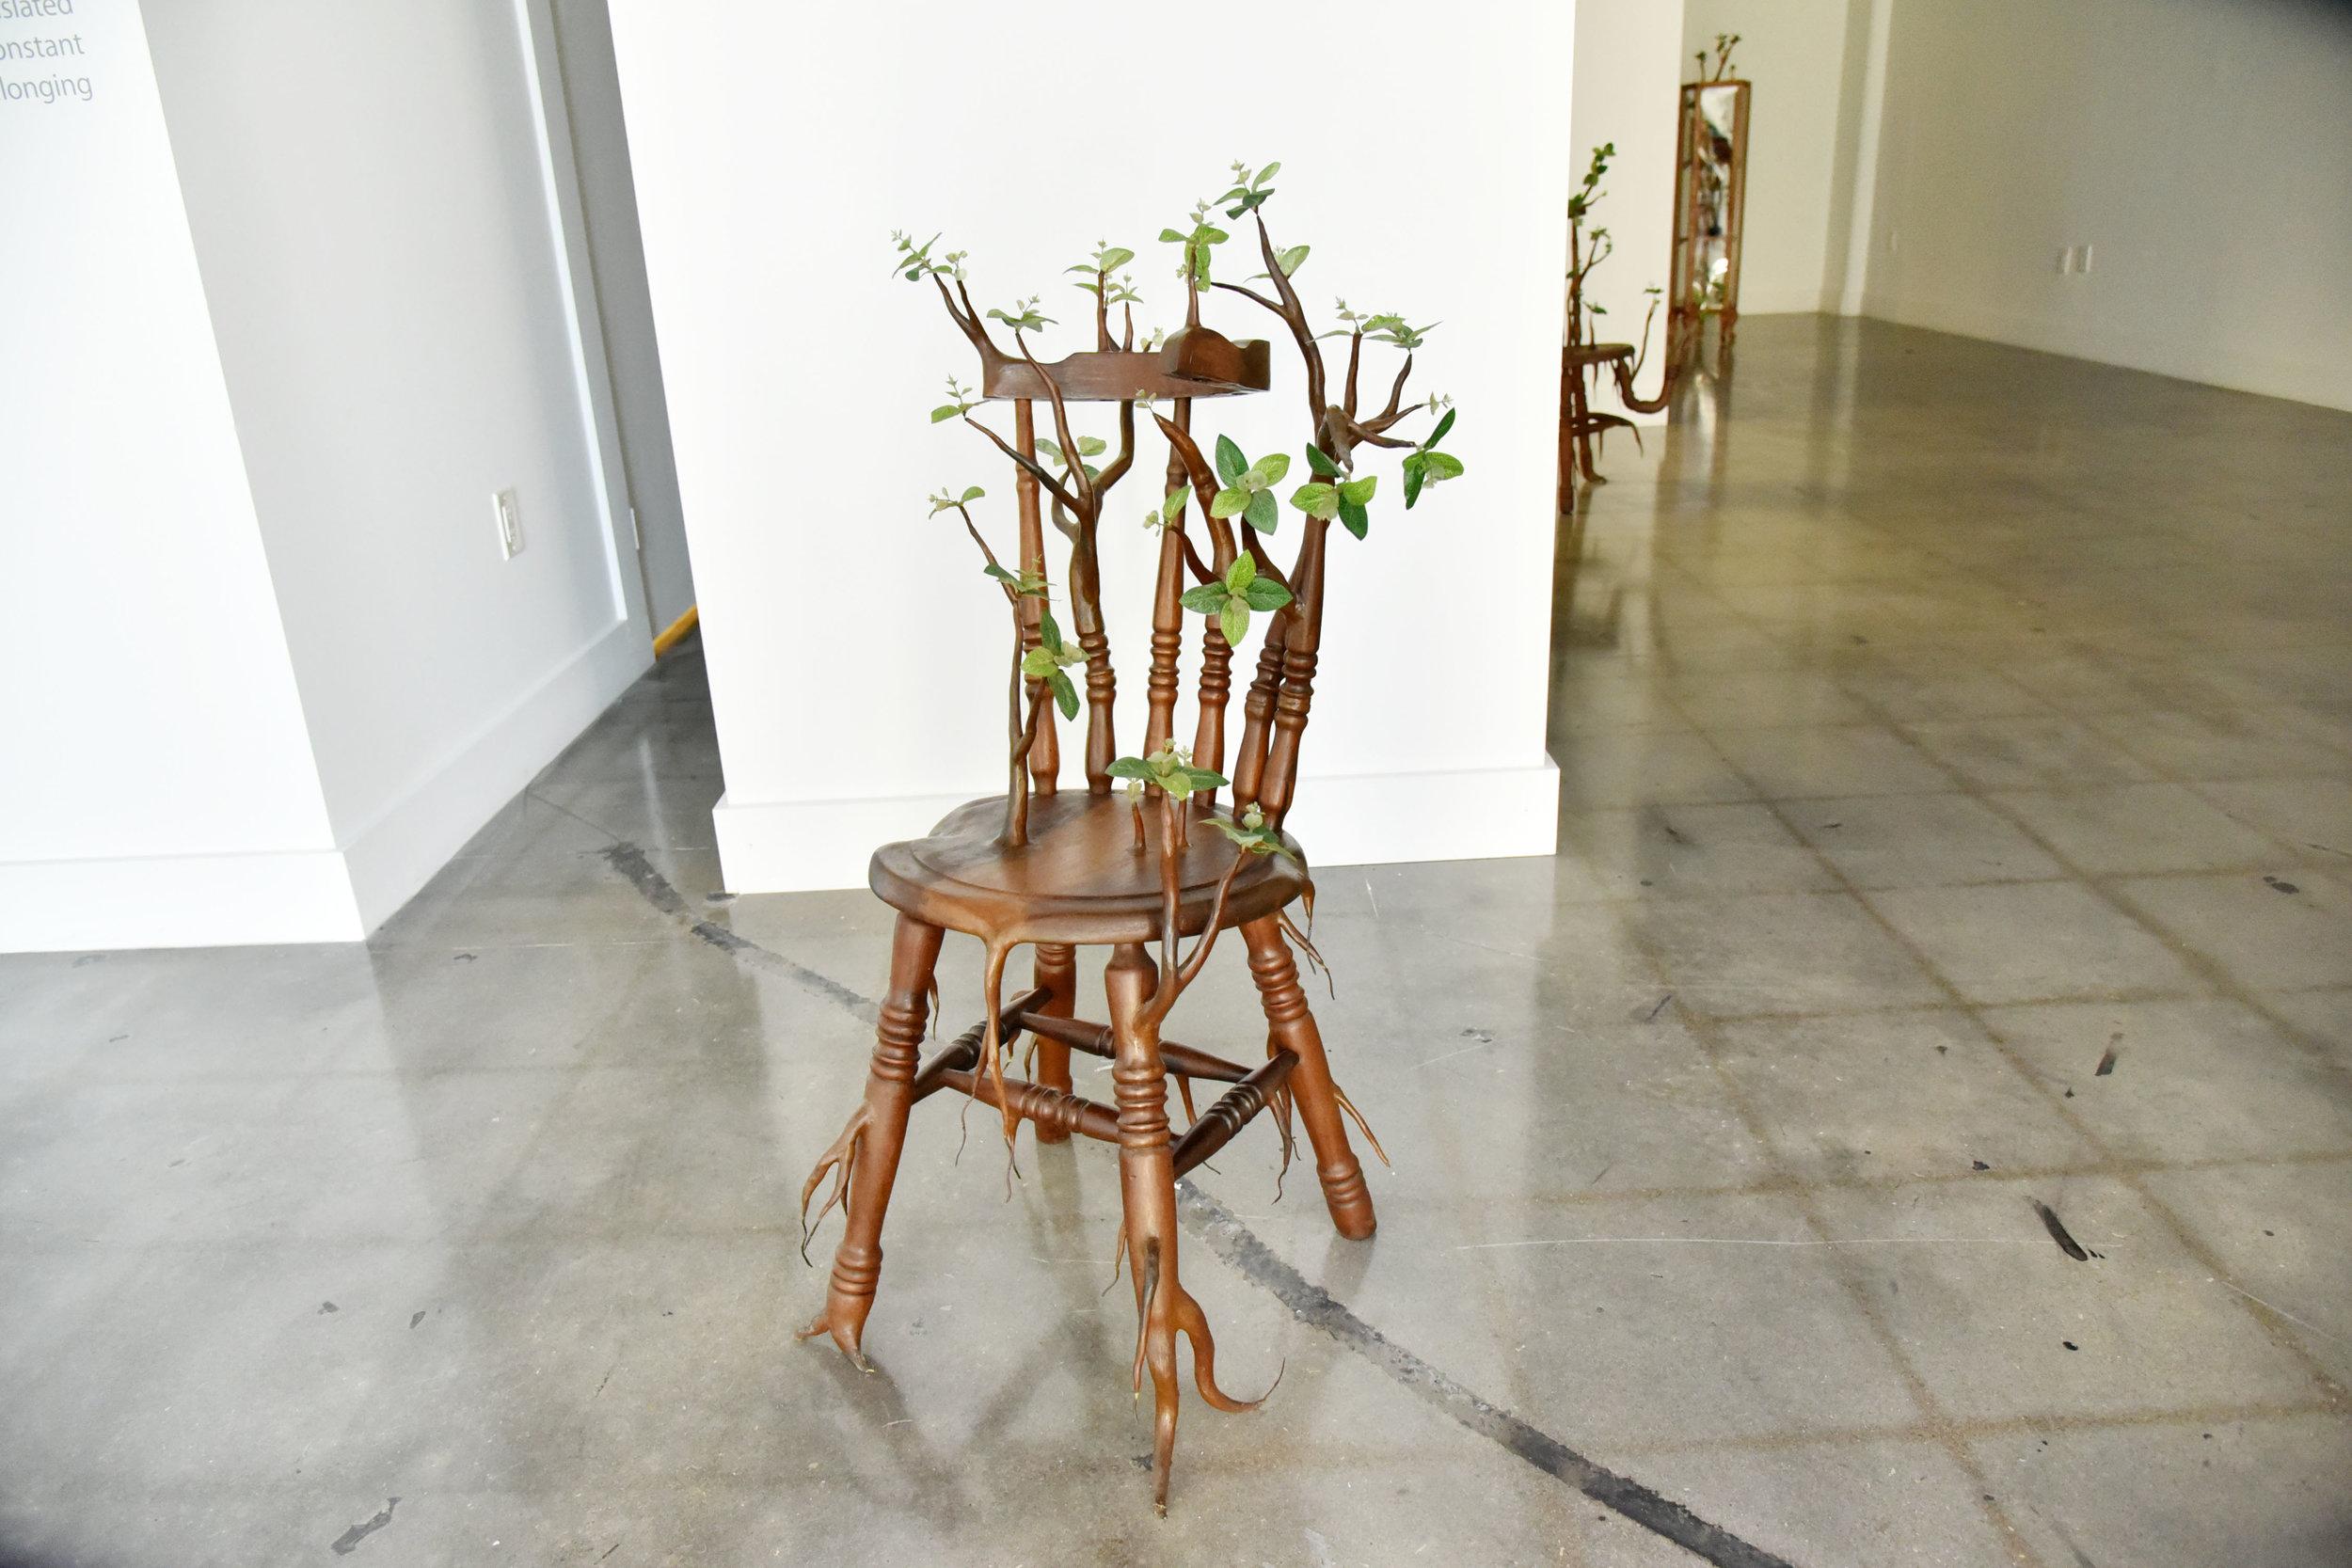 'Untitled', 2014, medio mixto, 117 x 85 x 60 cm. GUI GOMES  MURILO CASTRO GALLERY, MIAMI